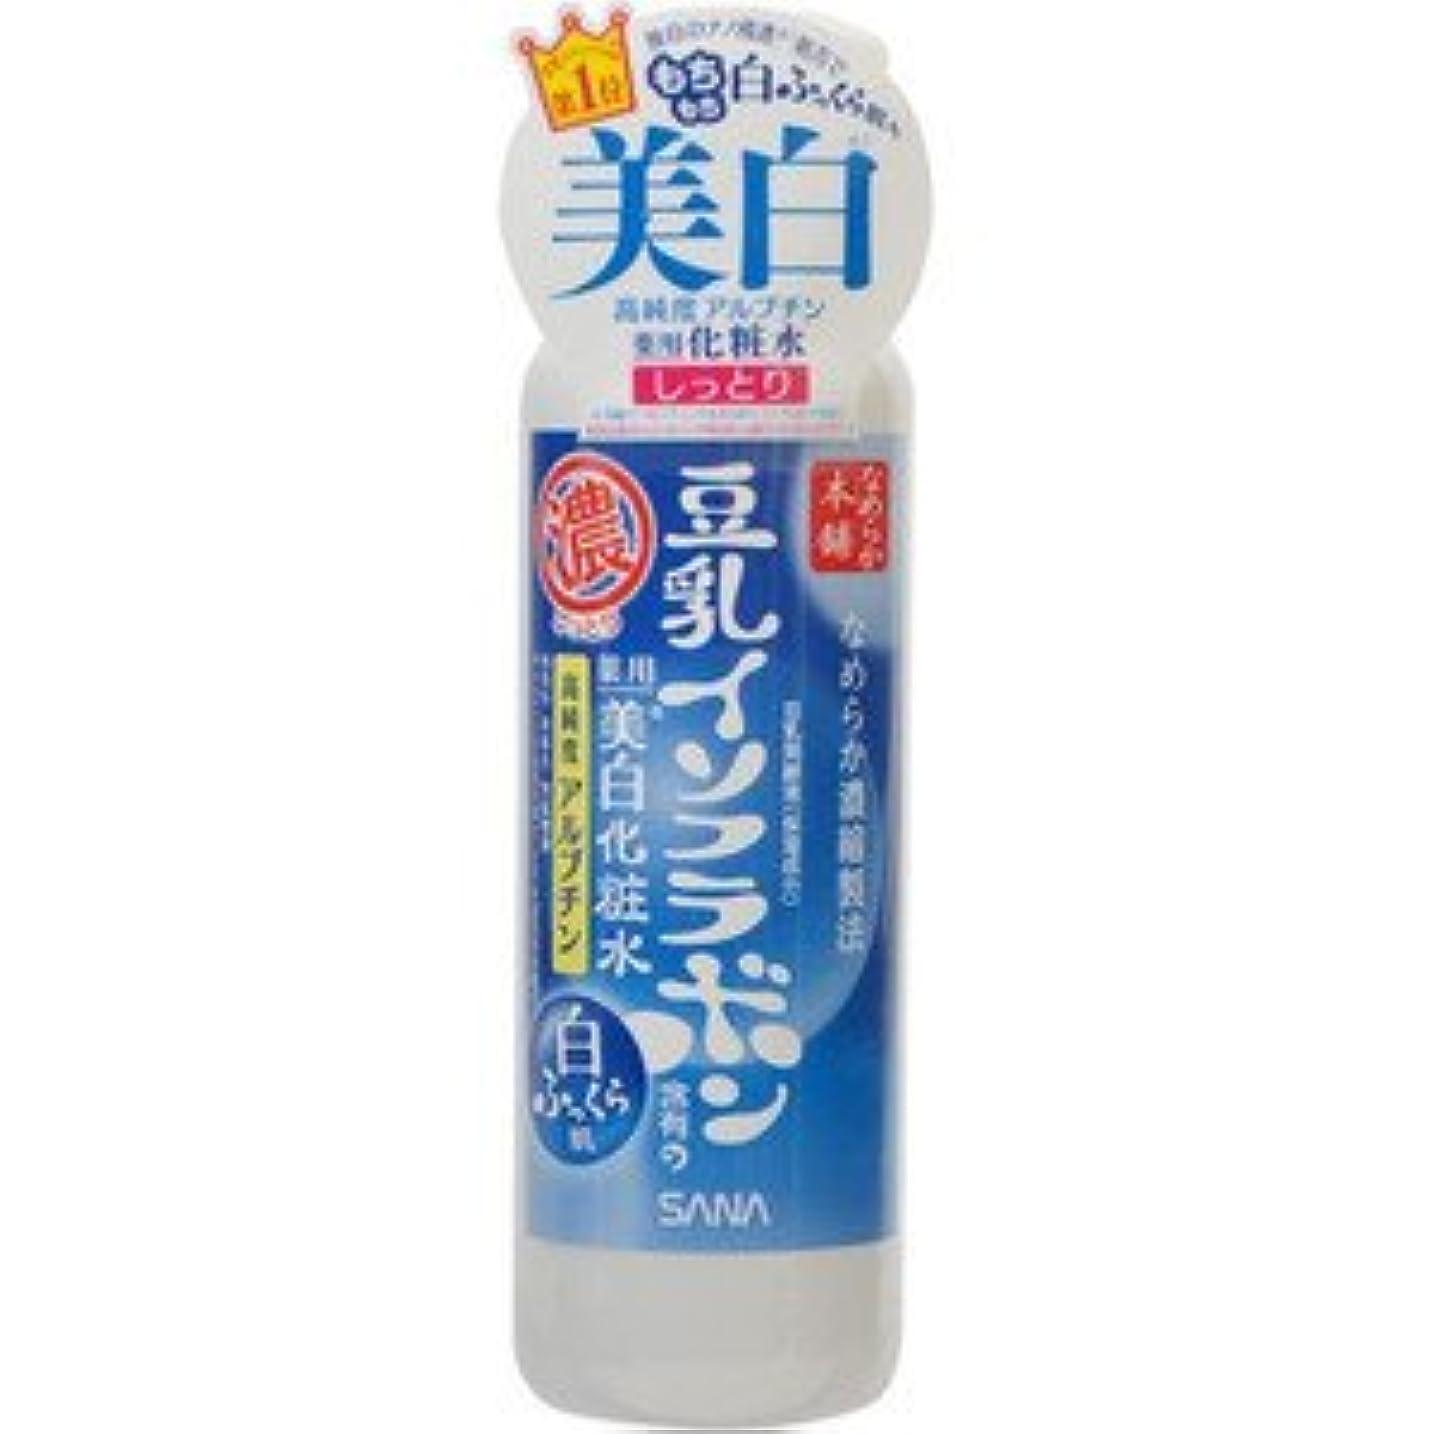 ガイダンスまたは防衛サナ なめらか本舗 薬用美白しっとり化粧水 × 3個セット